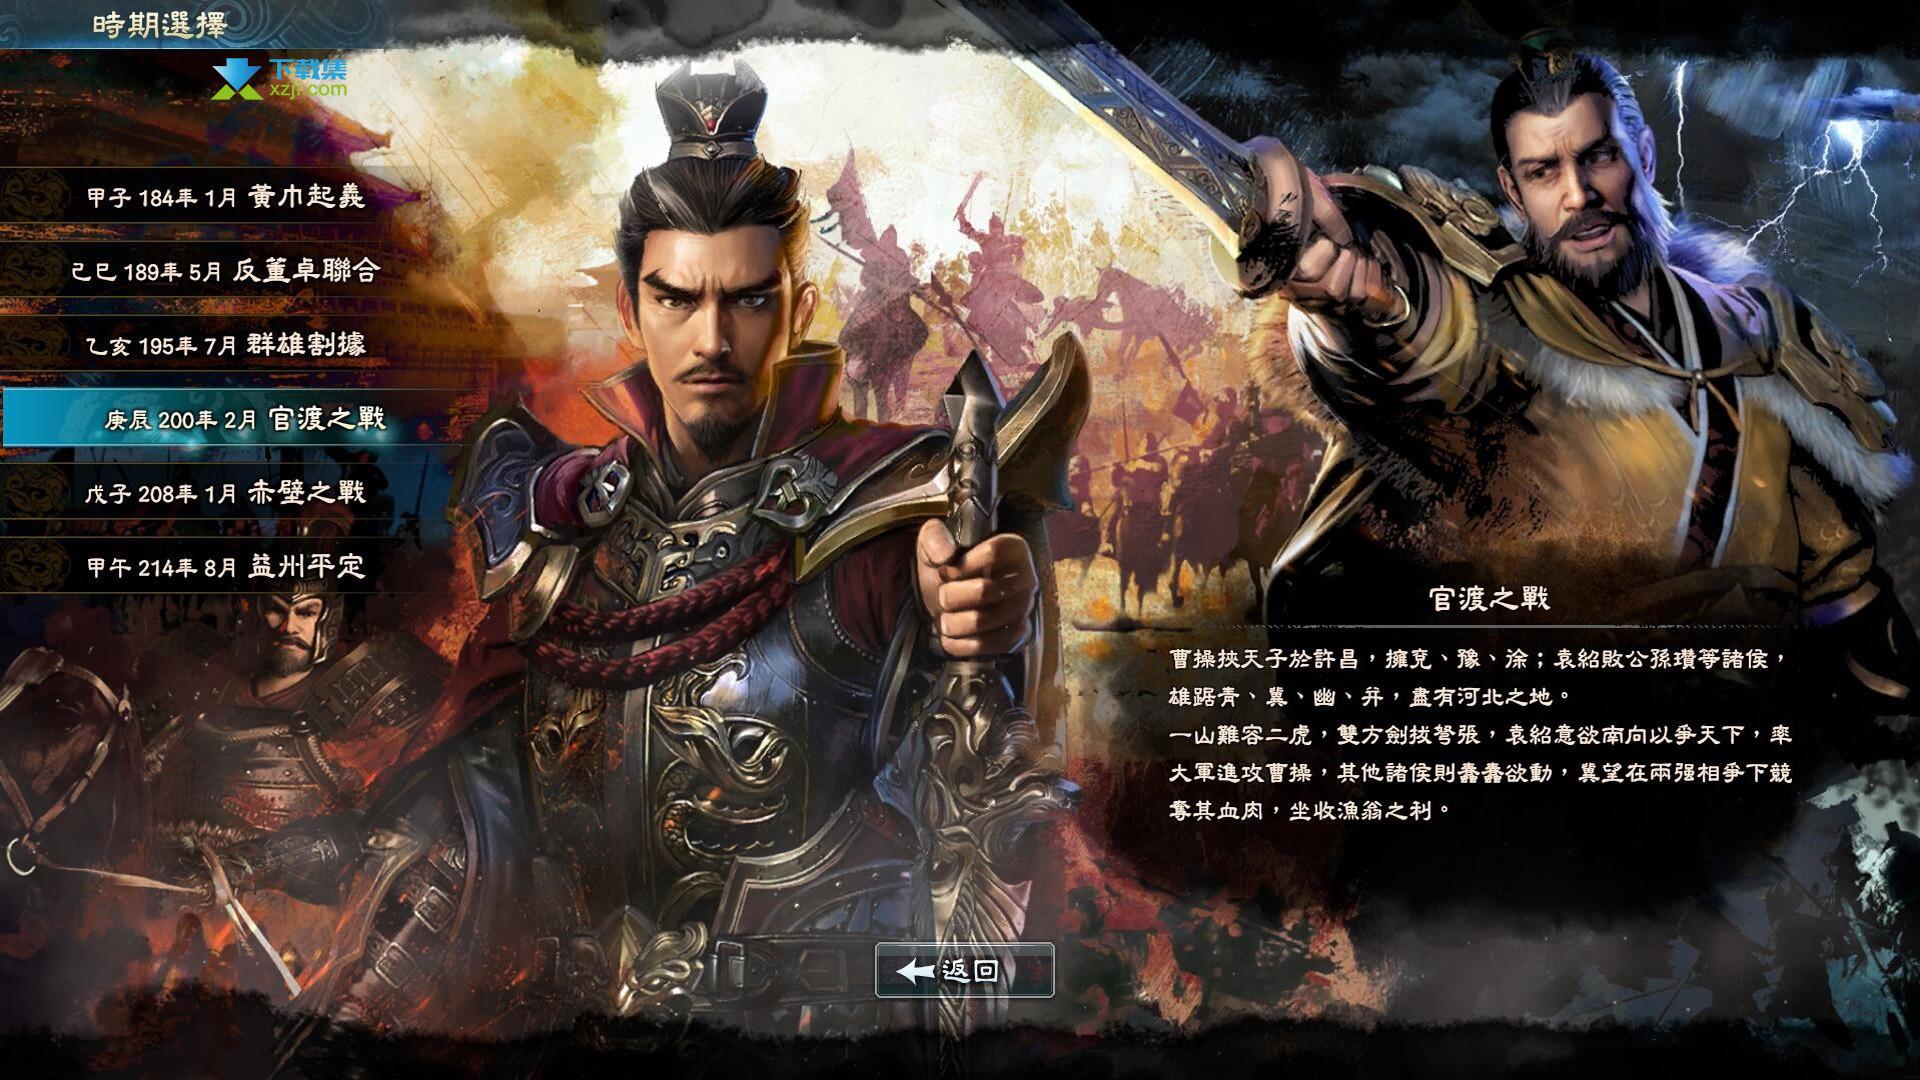 三国群英传8中文版界面